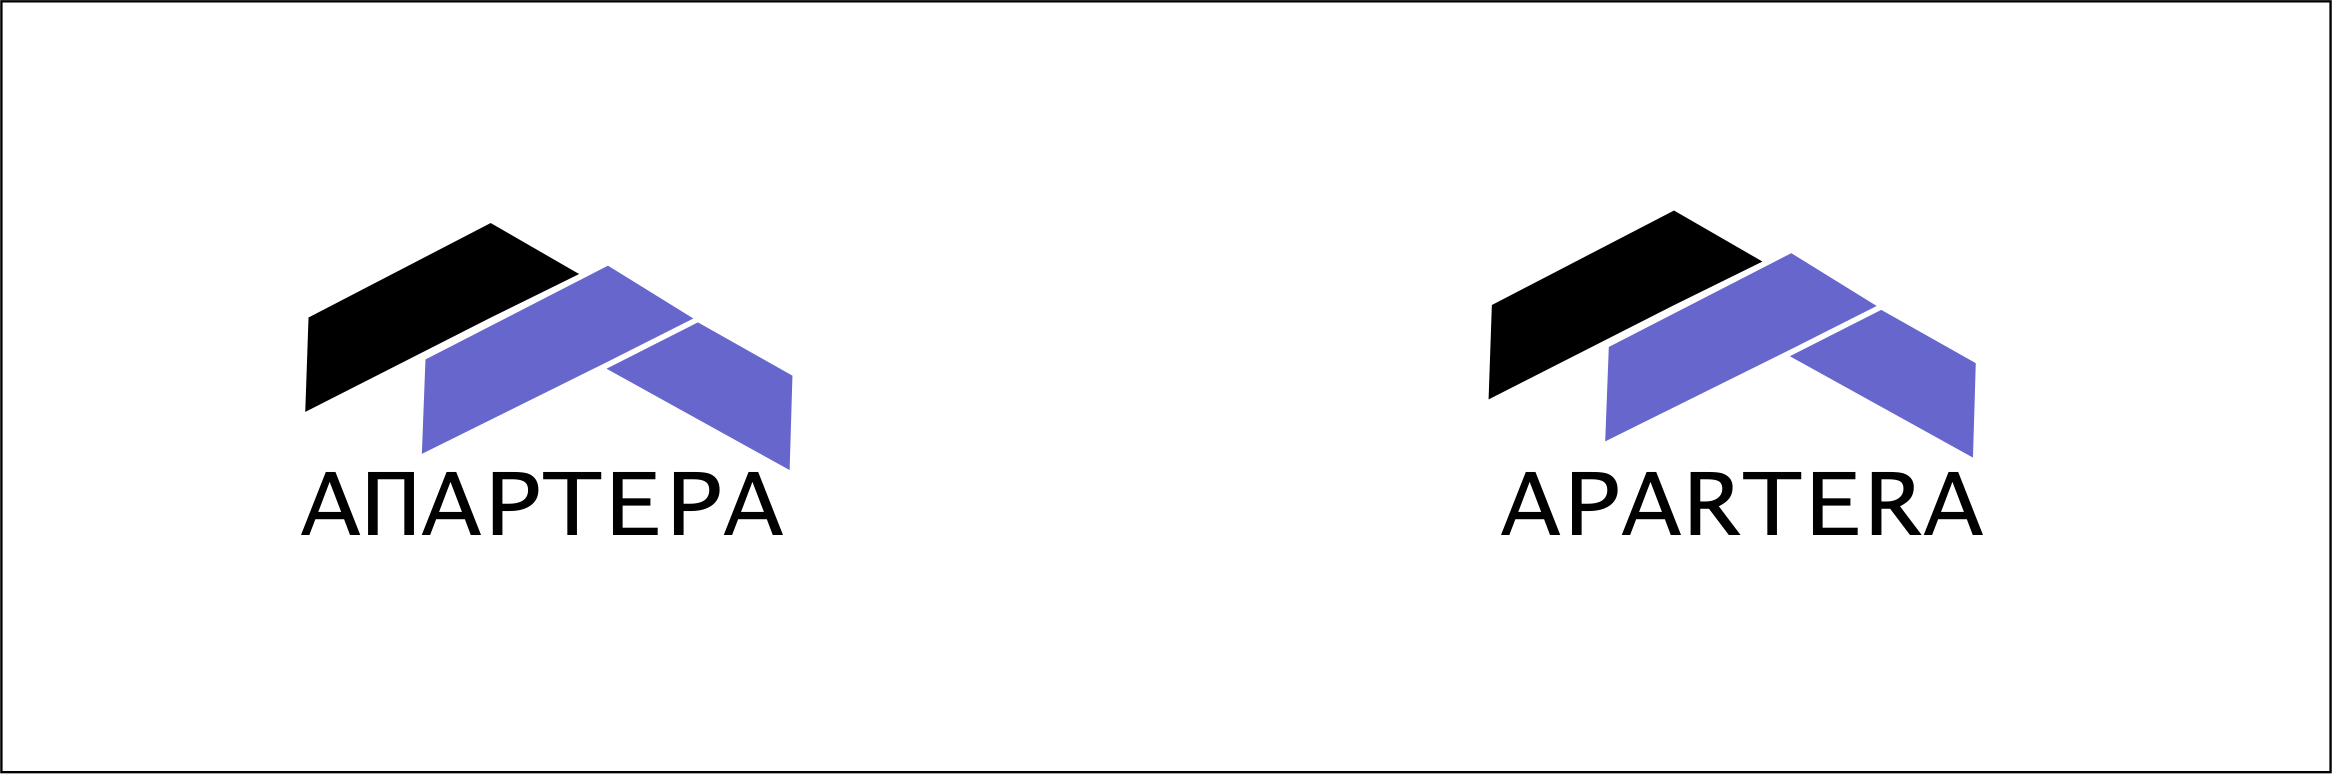 Логотип для управляющей компании  фото f_5475b73e77665e85.png